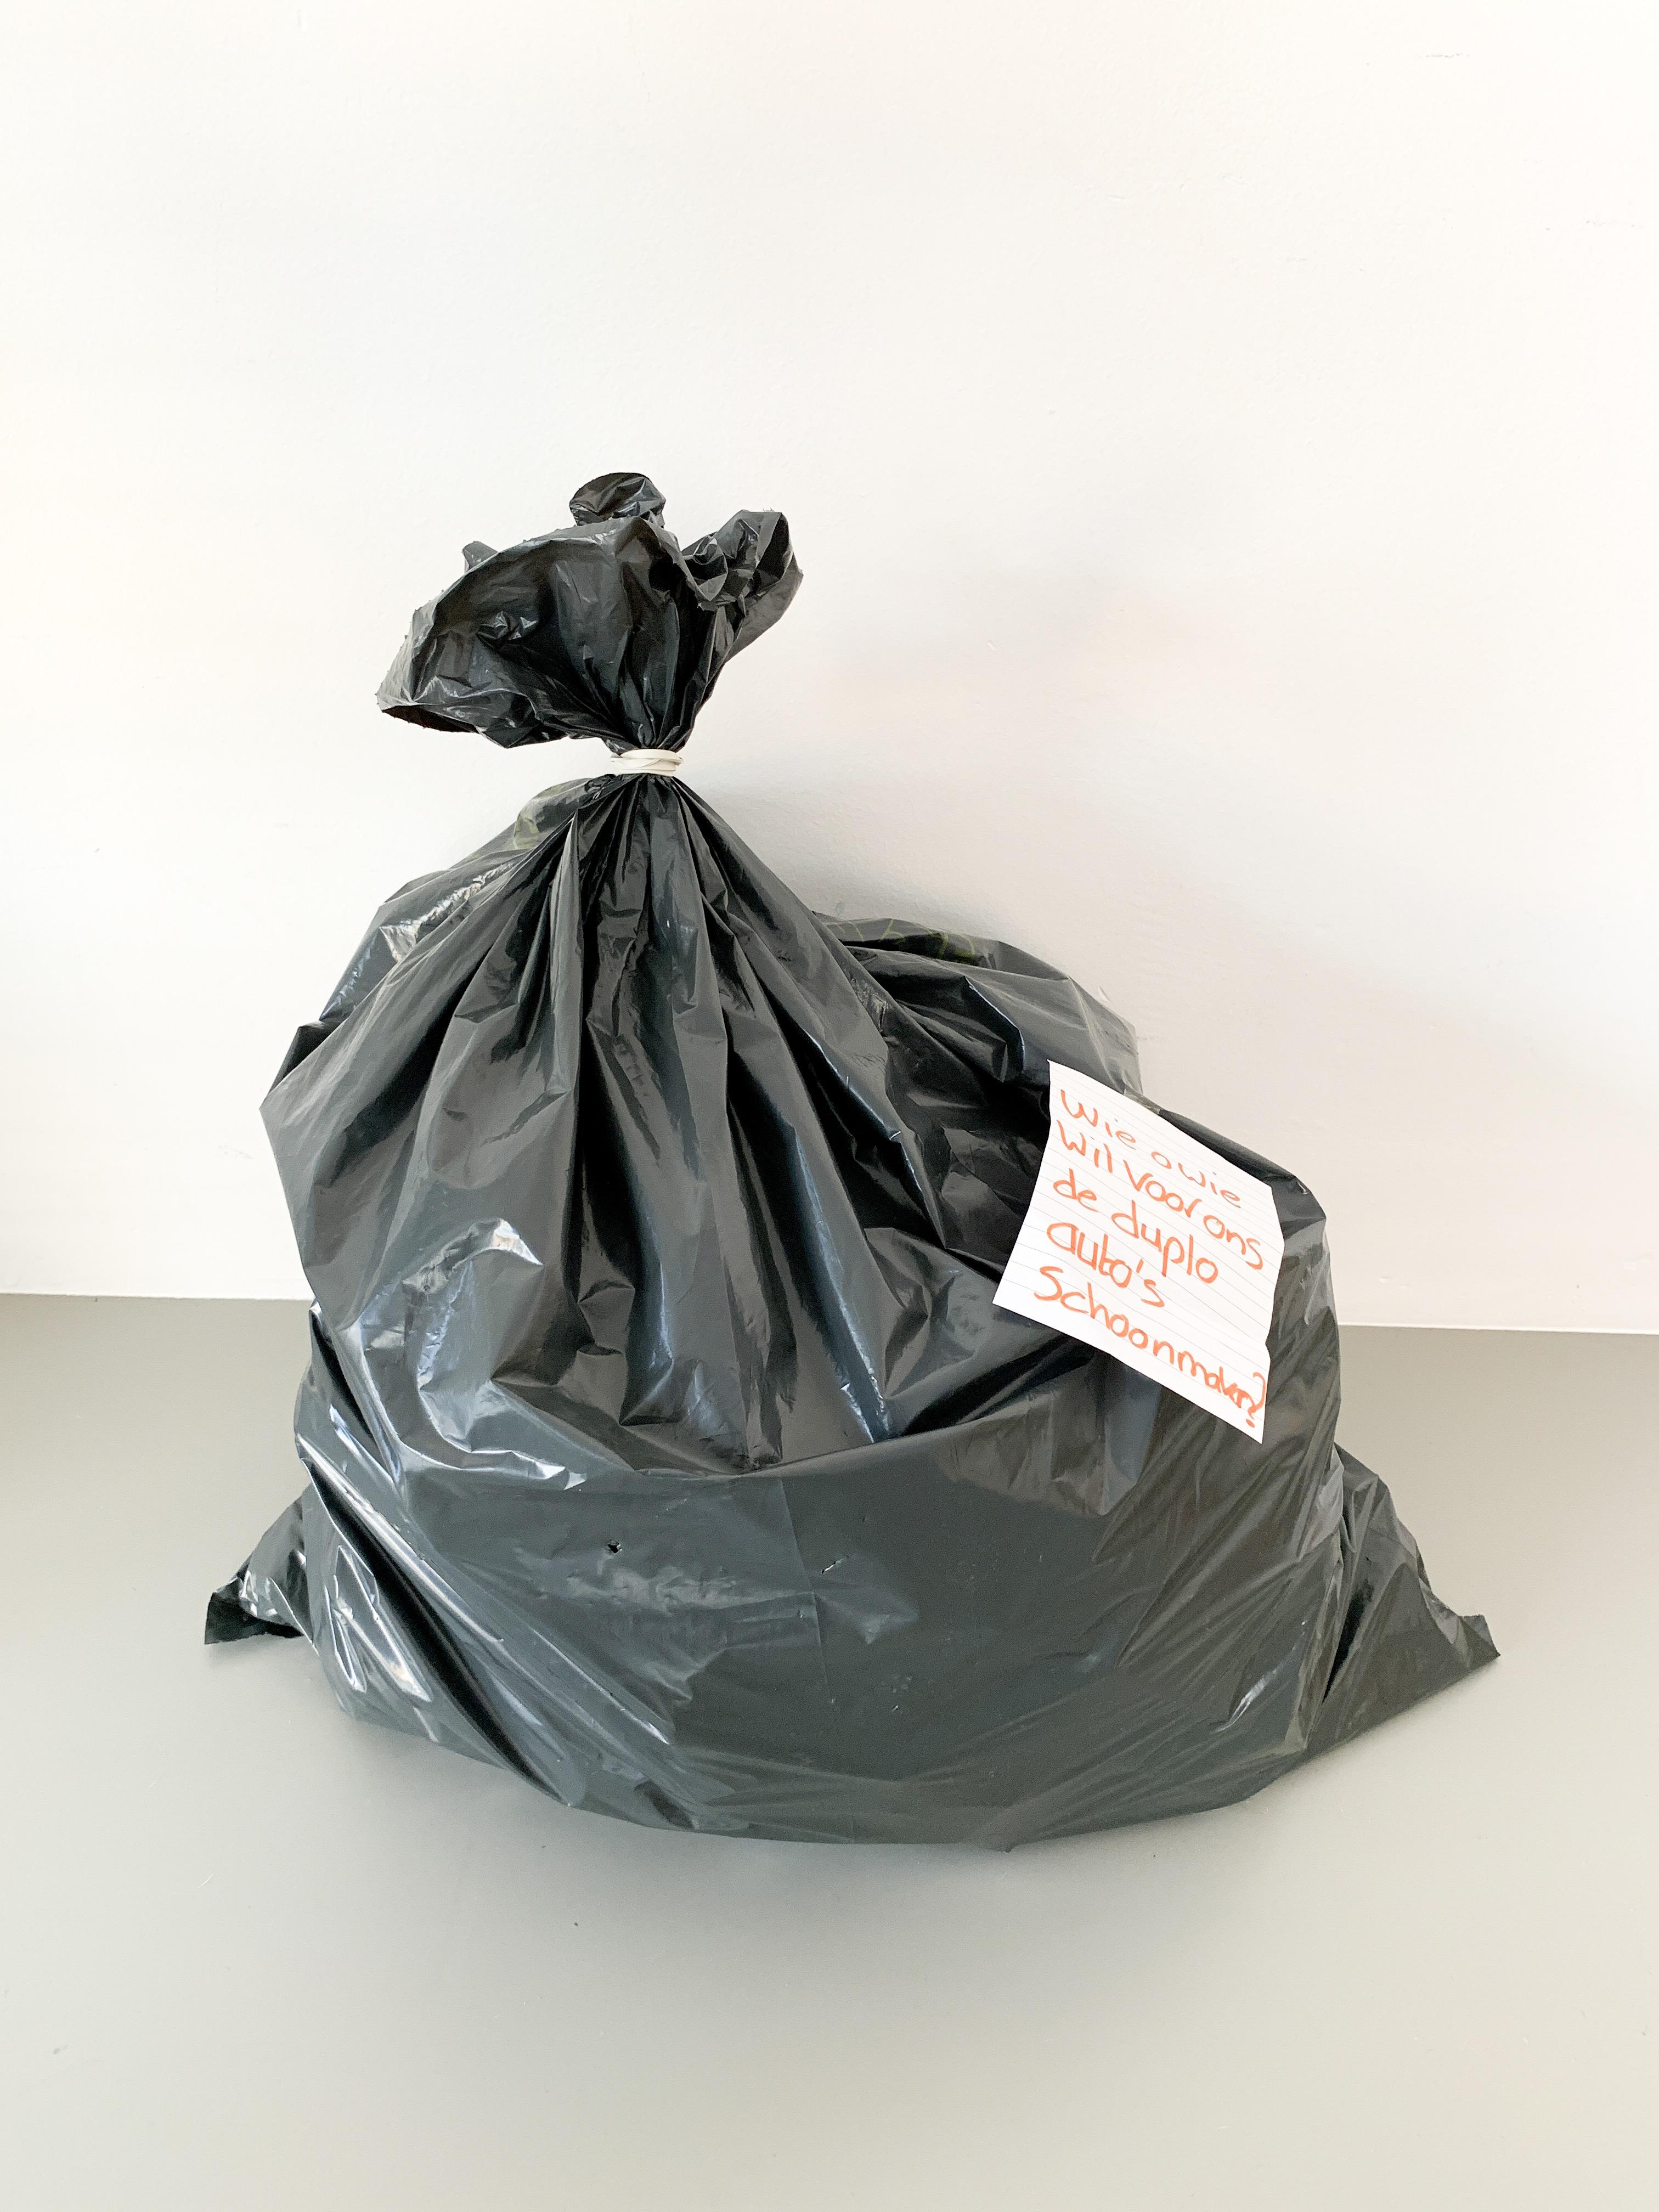 een zak duplo om schoon te maken voor school